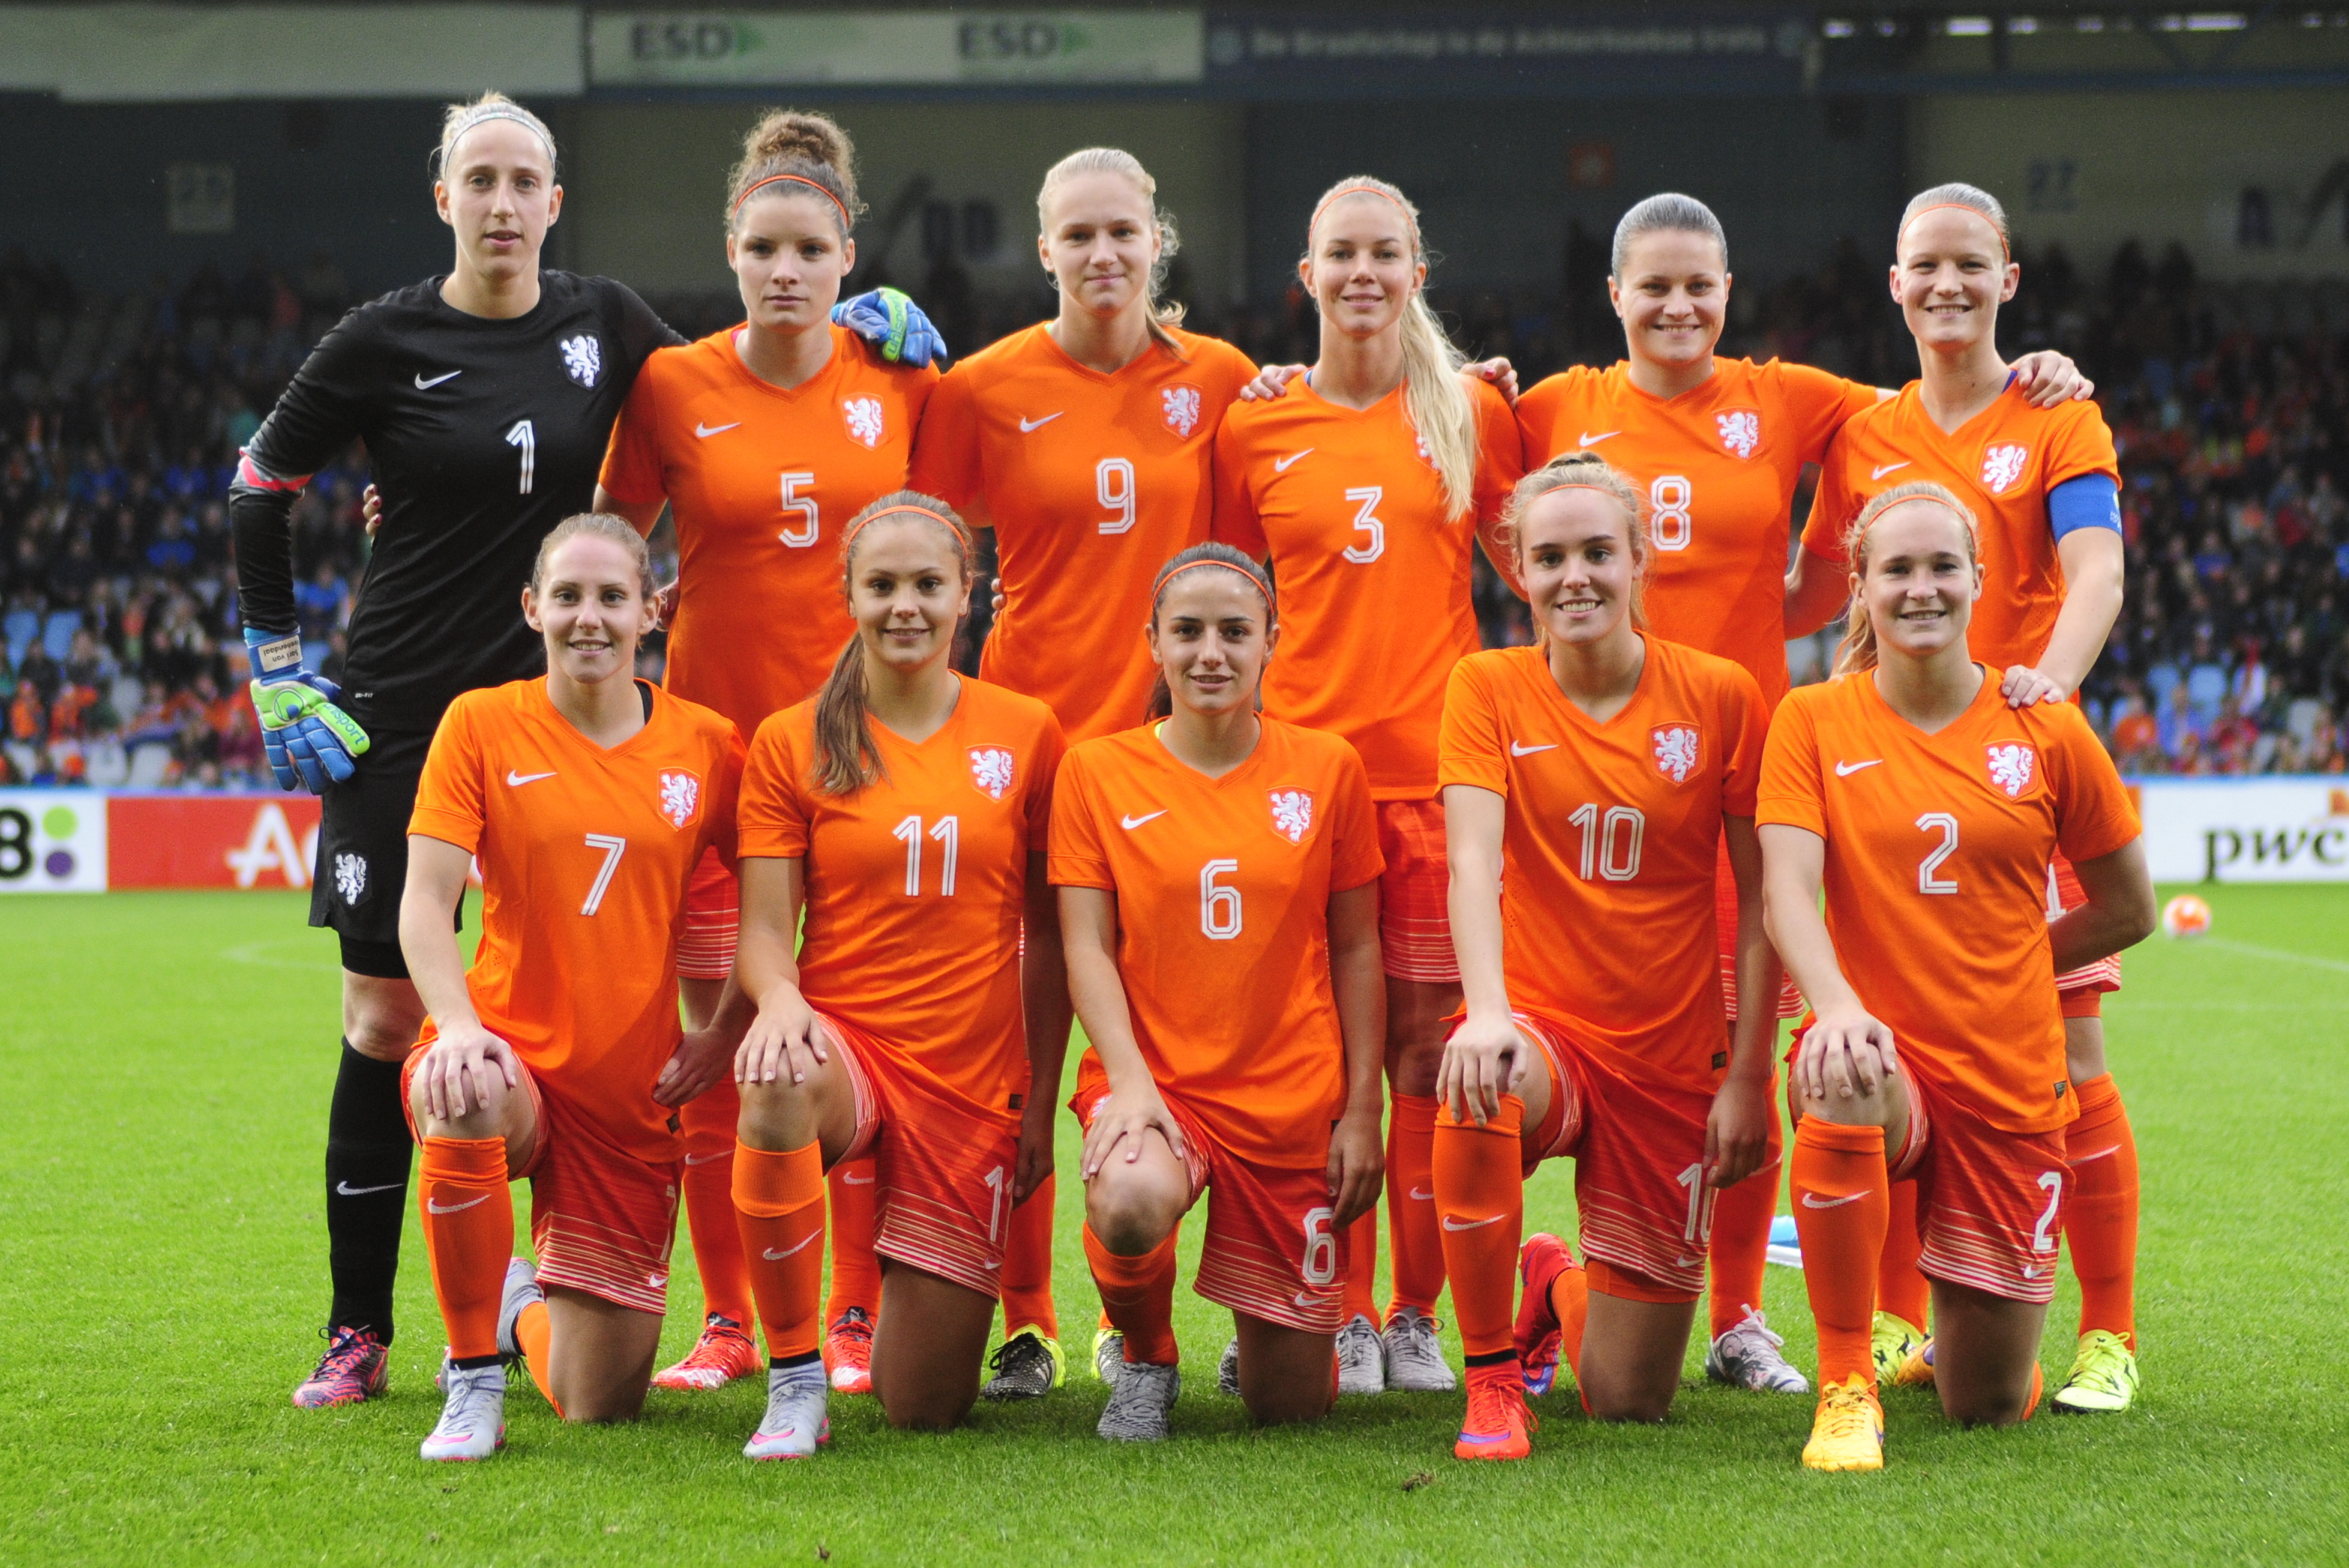 Leeuwinnen verslaan Belarus met 8-0